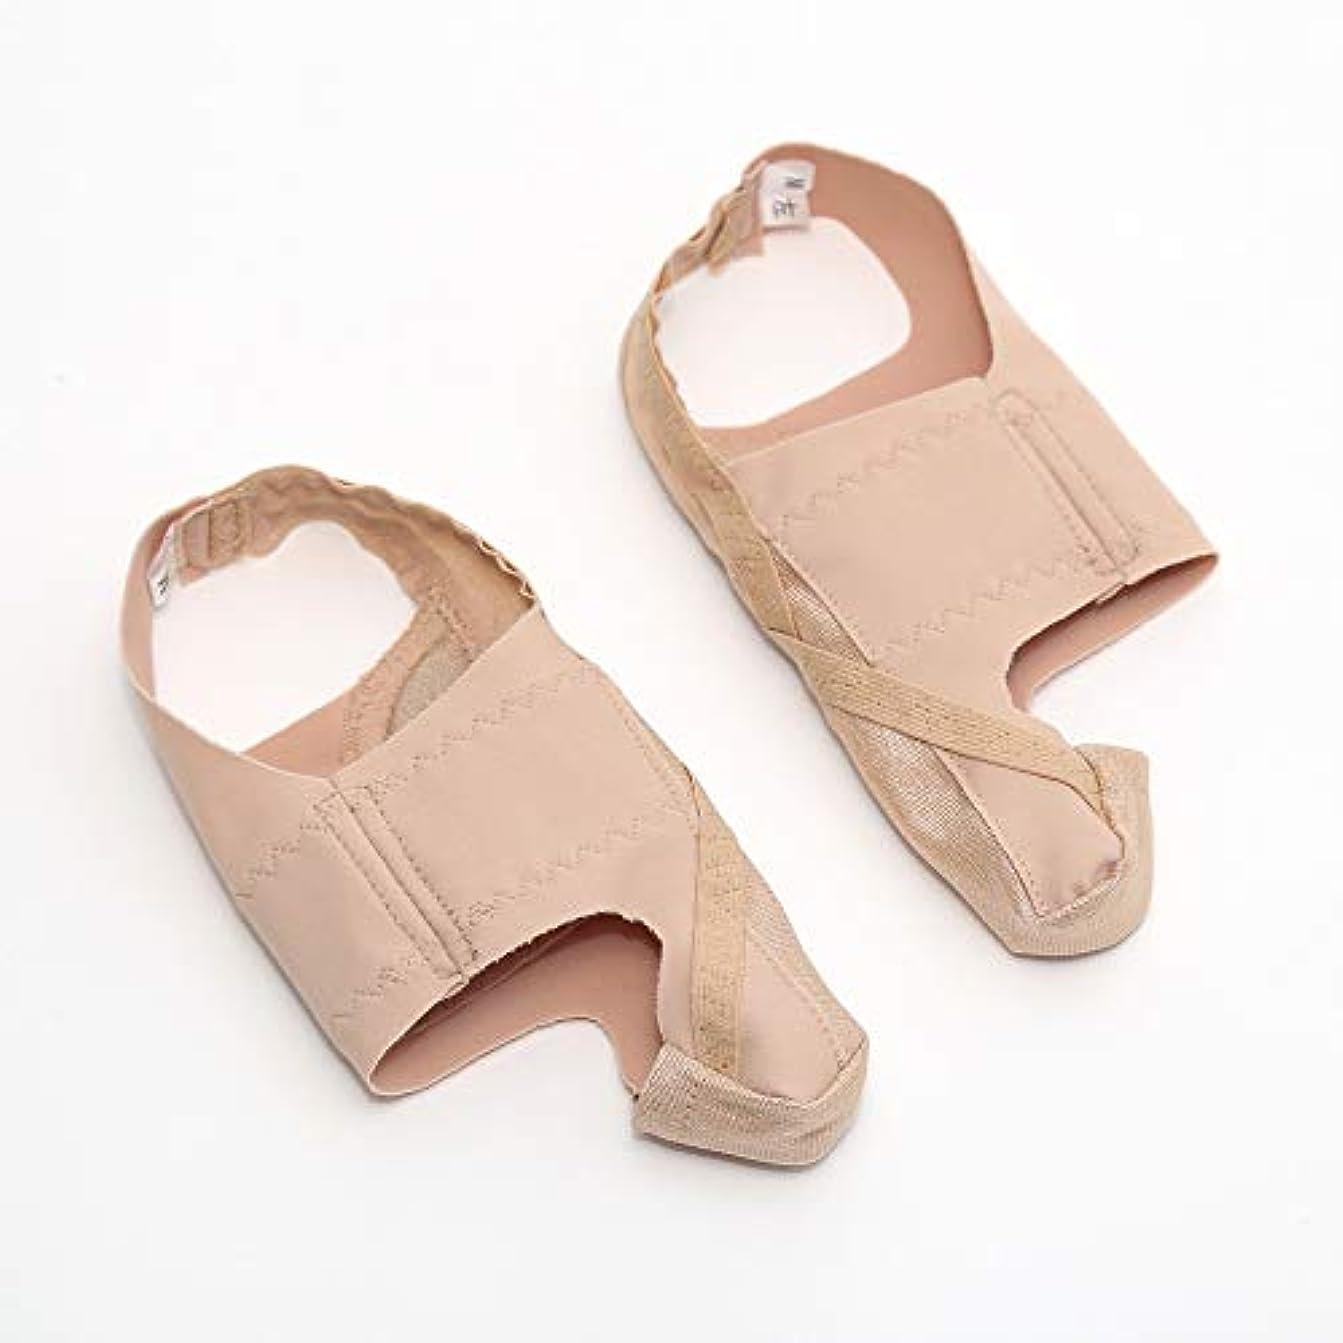 教科書シャイピボット靴も履けるんデス EX Mサイズ コエンザイムQ10 美容エッセンスマスク付セット